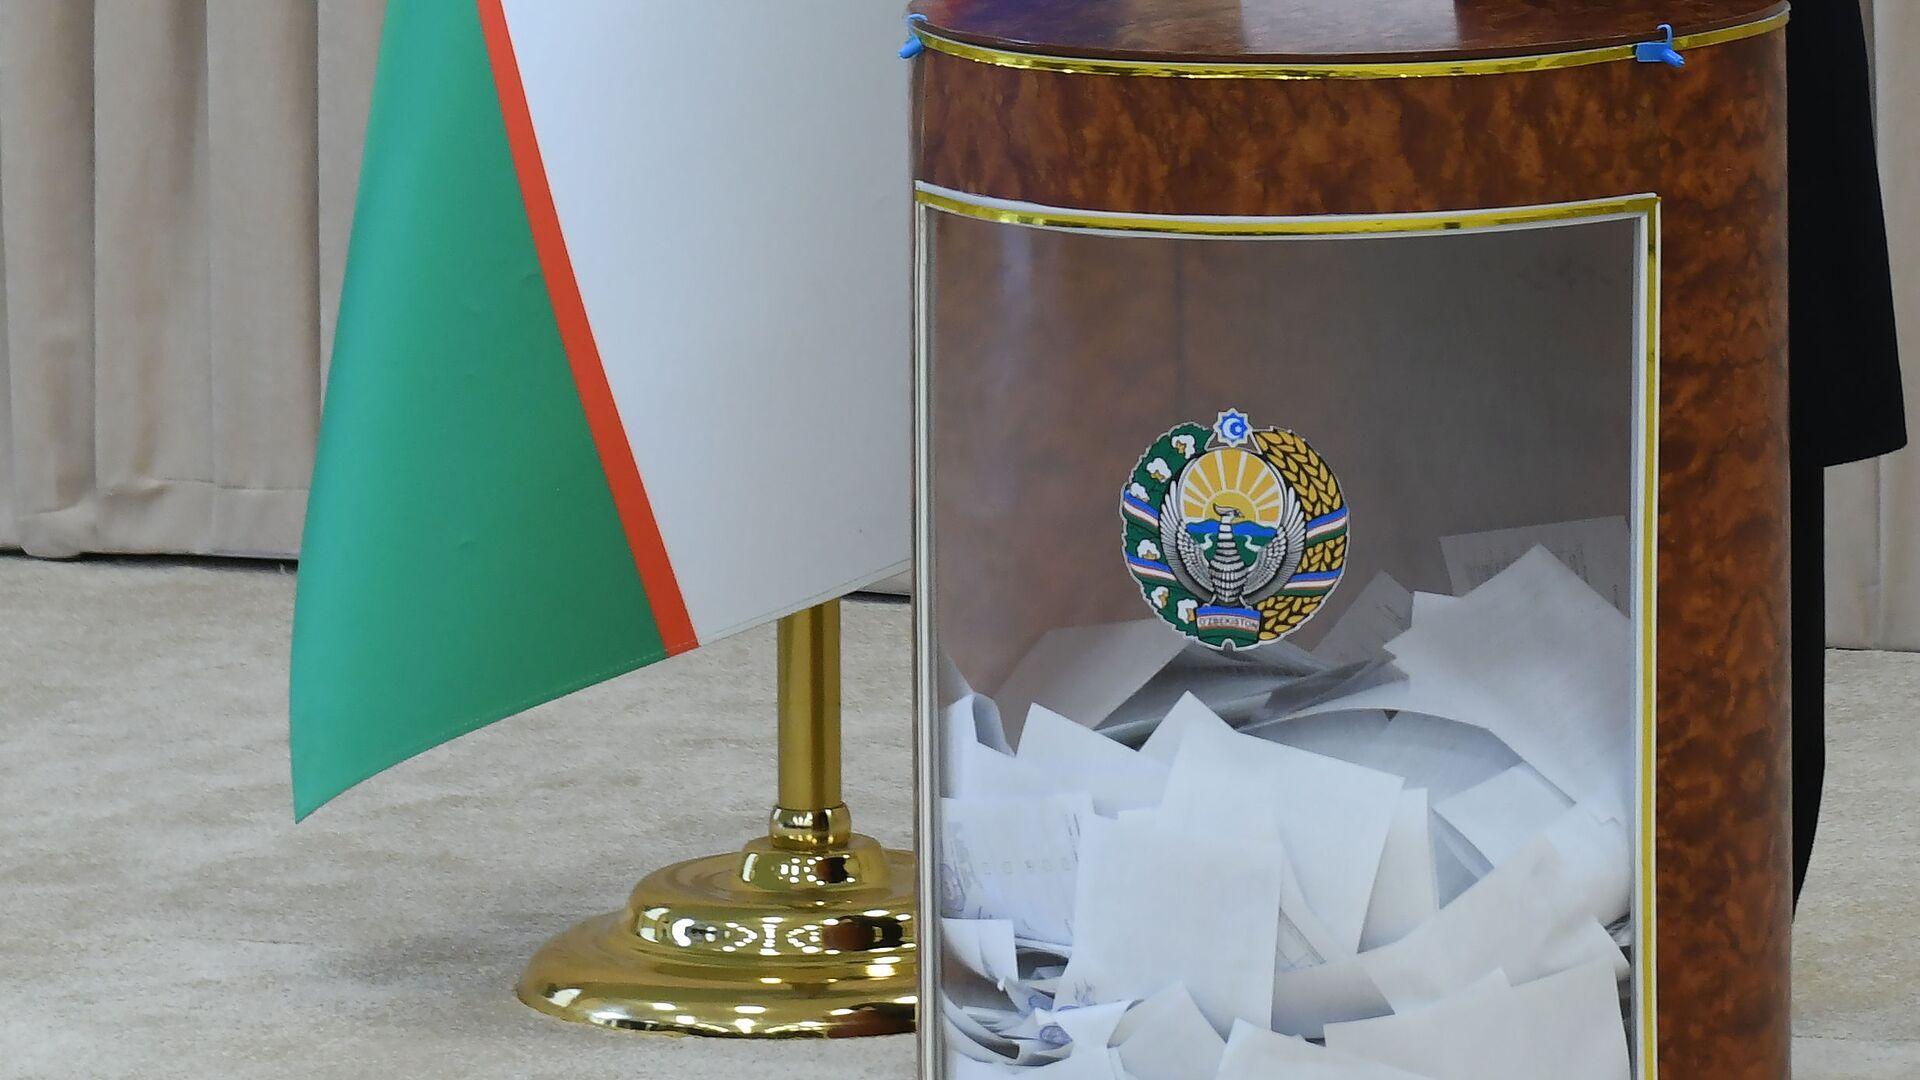 Izbiratelnaya urna na parlamentskix vыborax v Uzbekistane - Sputnik Oʻzbekiston, 1920, 25.08.2021